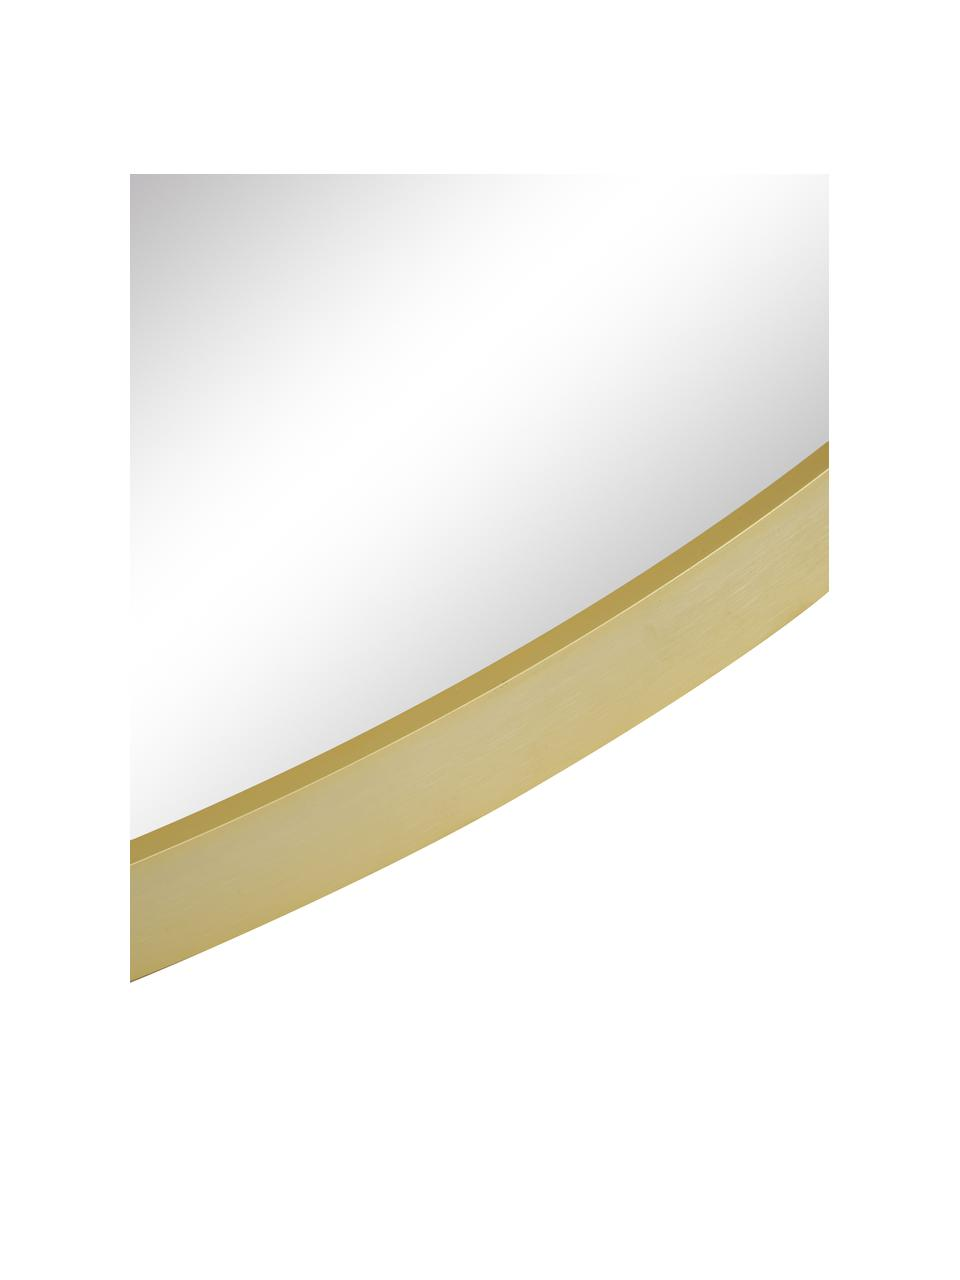 Runder Wandspiegel Ida mit goldenem Aluminiumrahmen, Rahmen: Aluminium, beschichtet, Rückseite: Mitteldichte Holzfaserpla, Spiegelfläche: Spiegelglas, Goldfarben, Ø 55 x T 3 cm